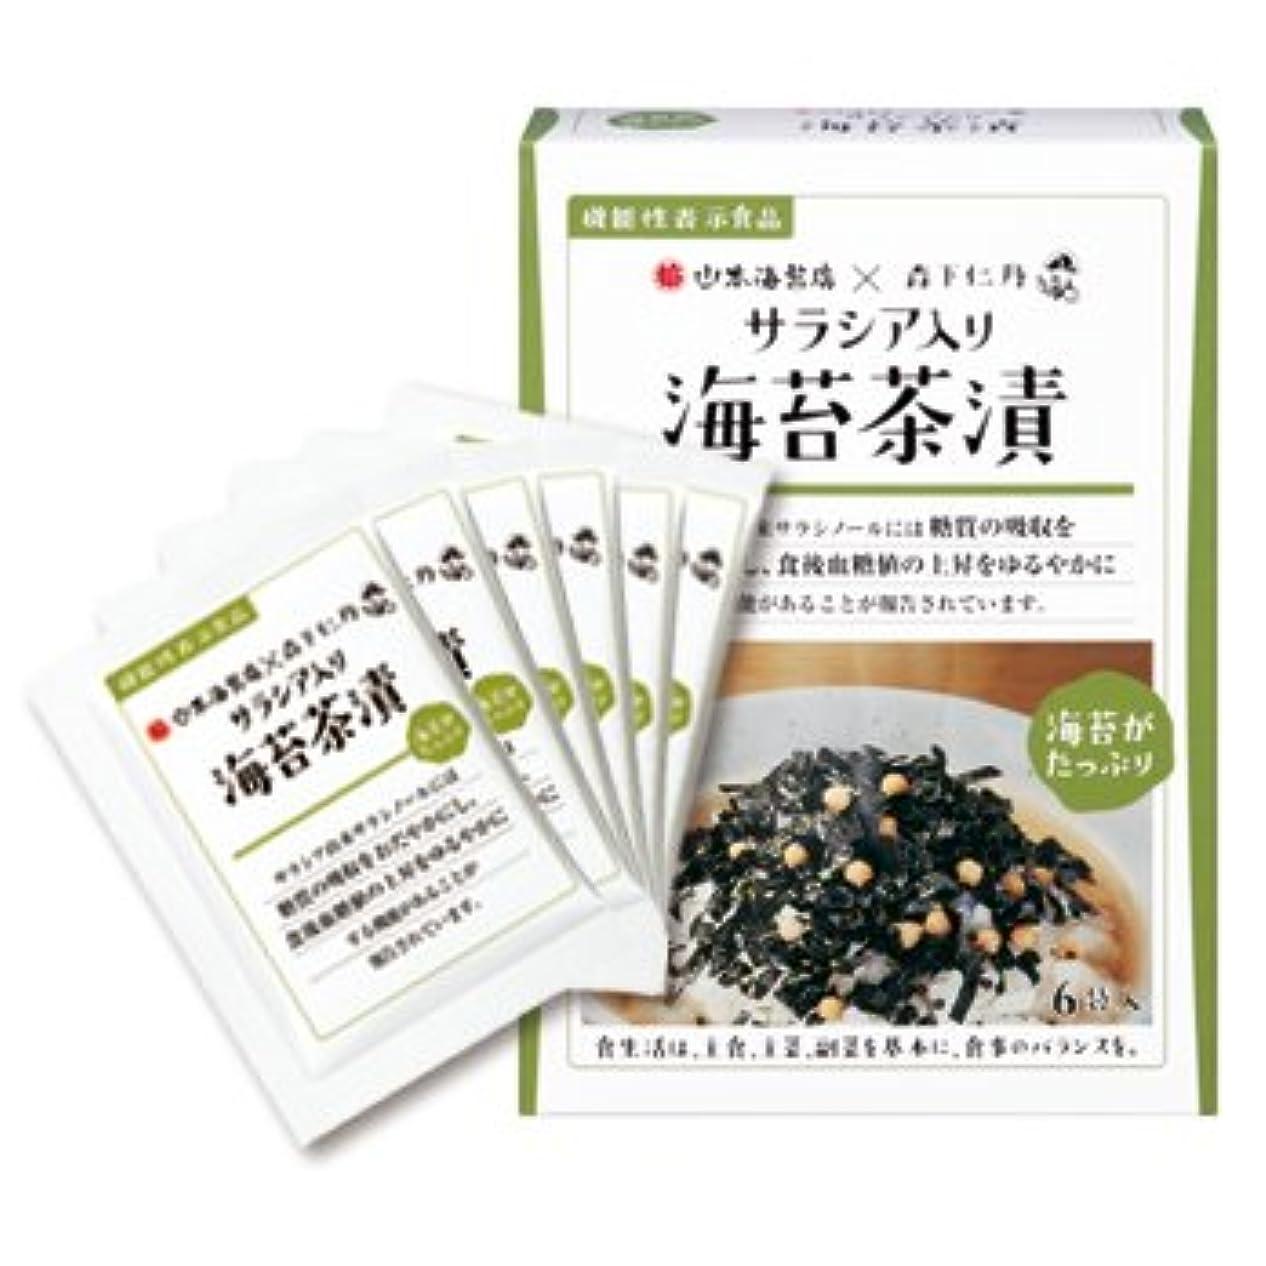 節約大騒ぎ九海苔茶漬 サラシア入り 1箱(6袋入) [機能性表示食品]